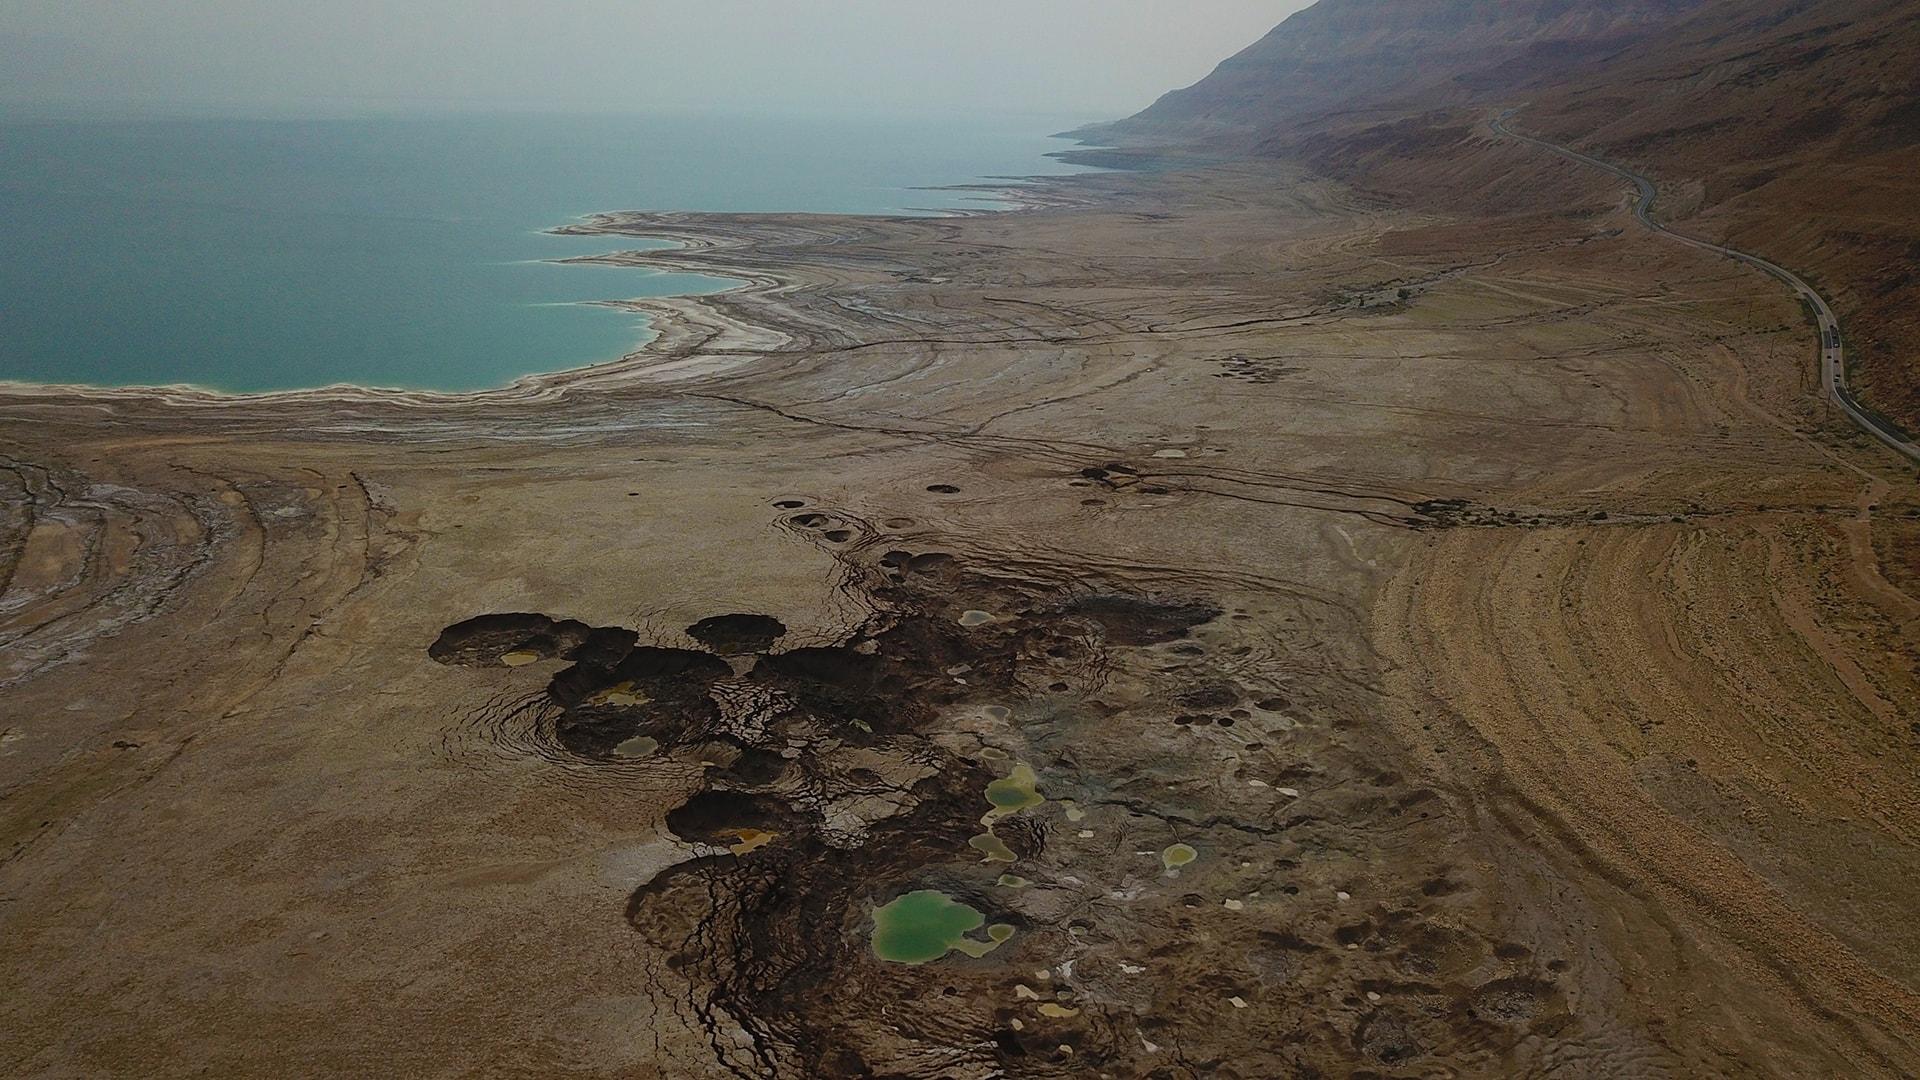 חוף מינרל בים המלח (צילום: אליעד איבס, גרינפיס)